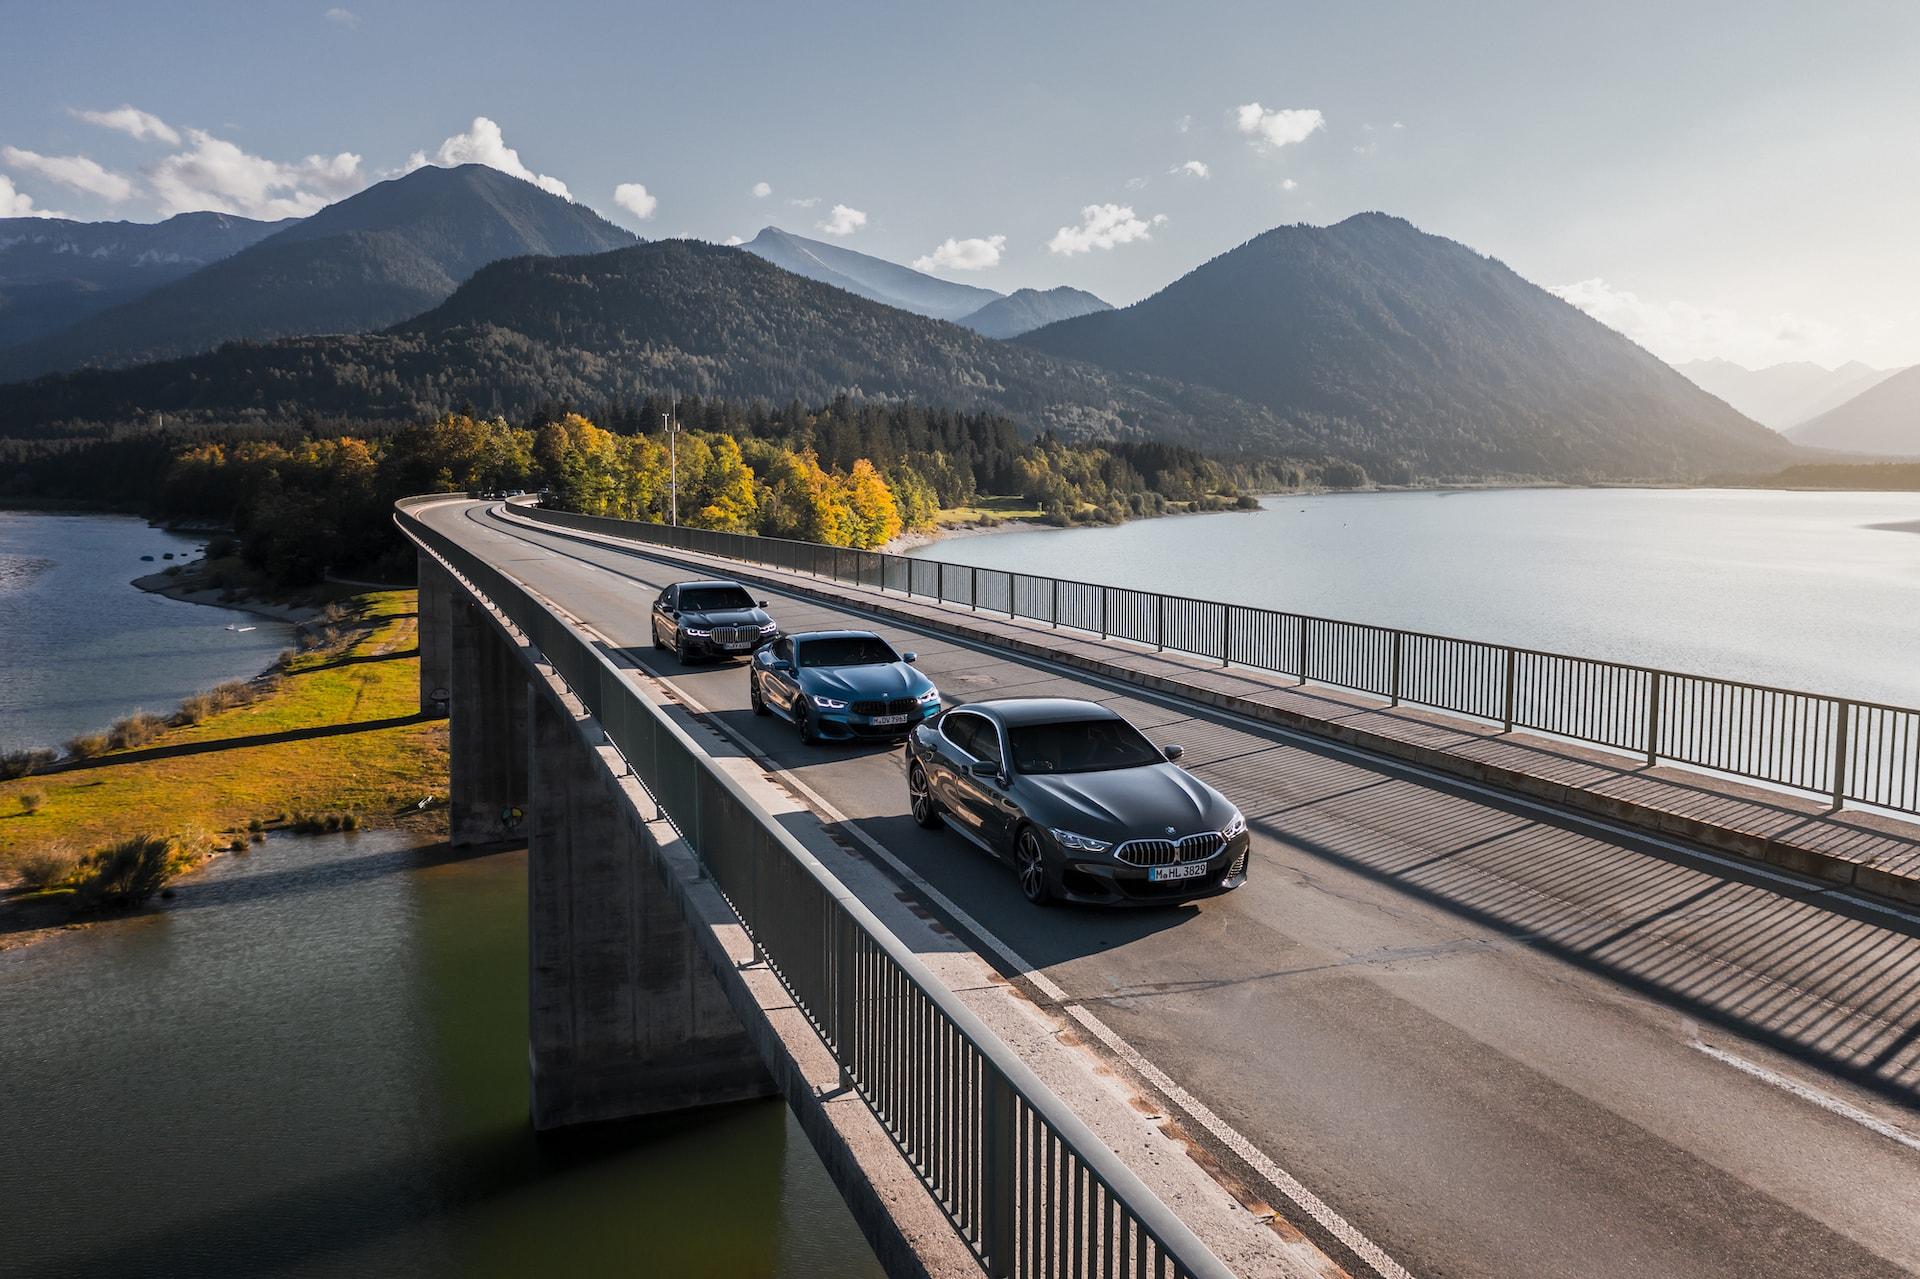 The Power of Choice: Für welches BMW Modell würdest du Dich entscheiden? 1